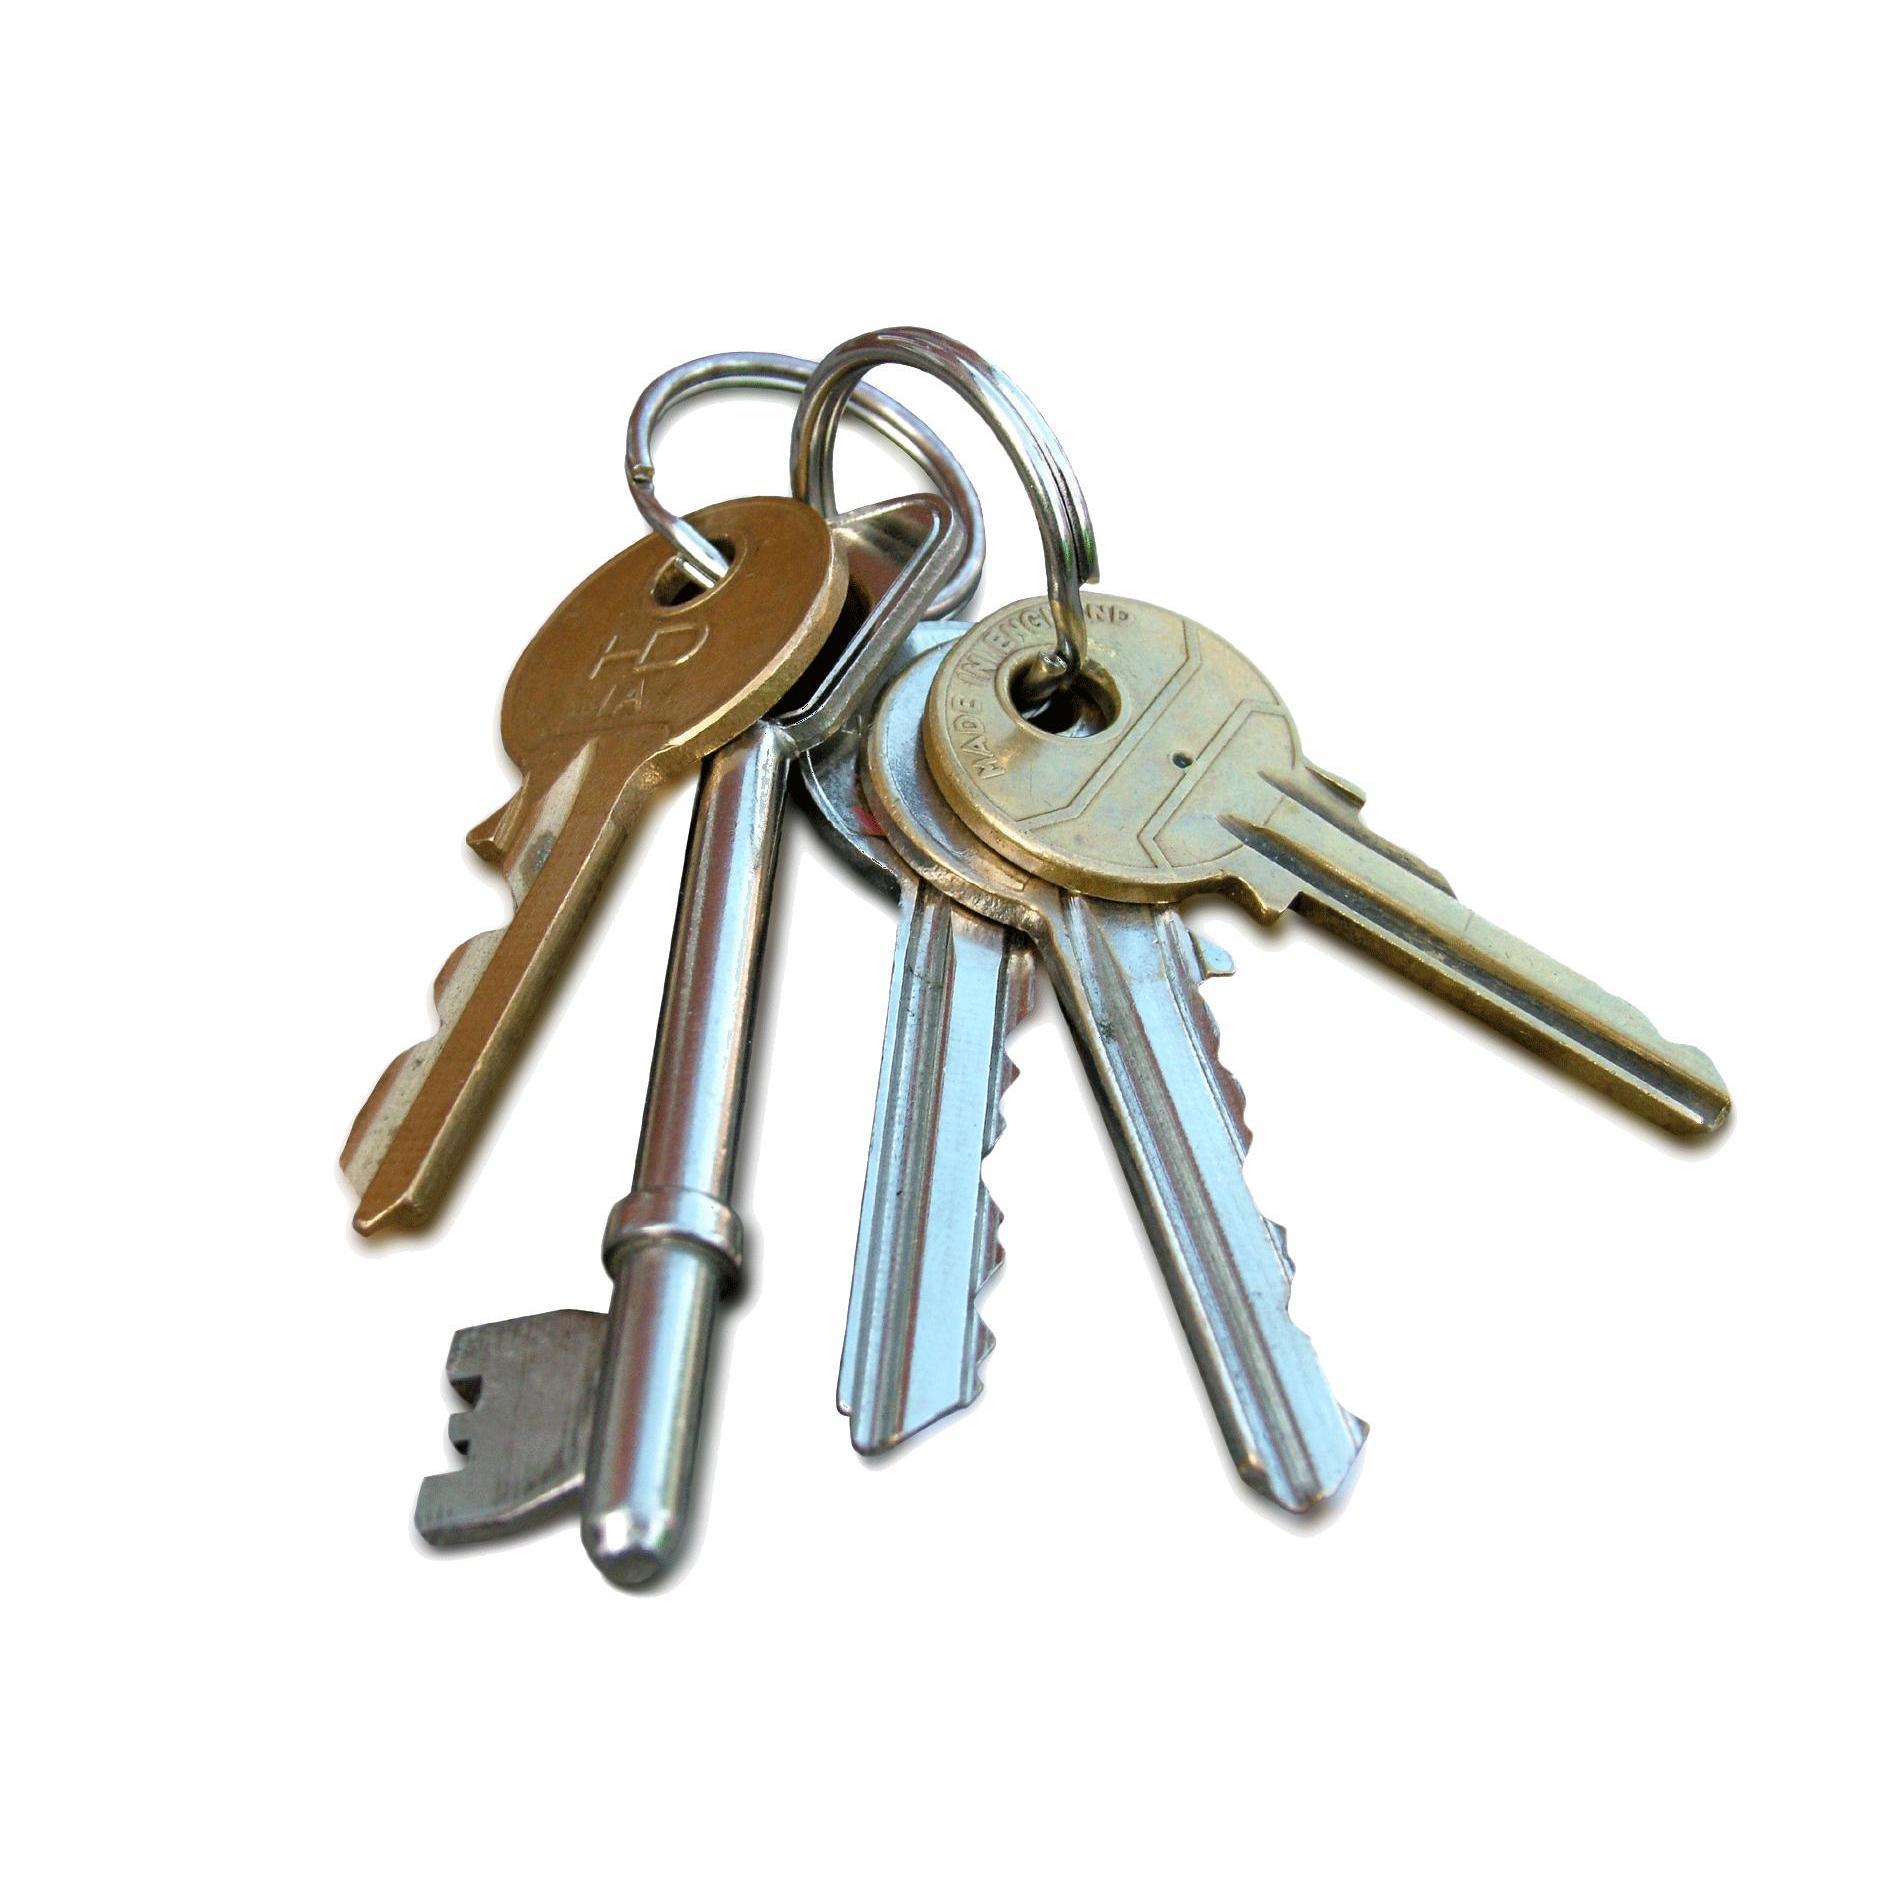 Key Maker Locksmith